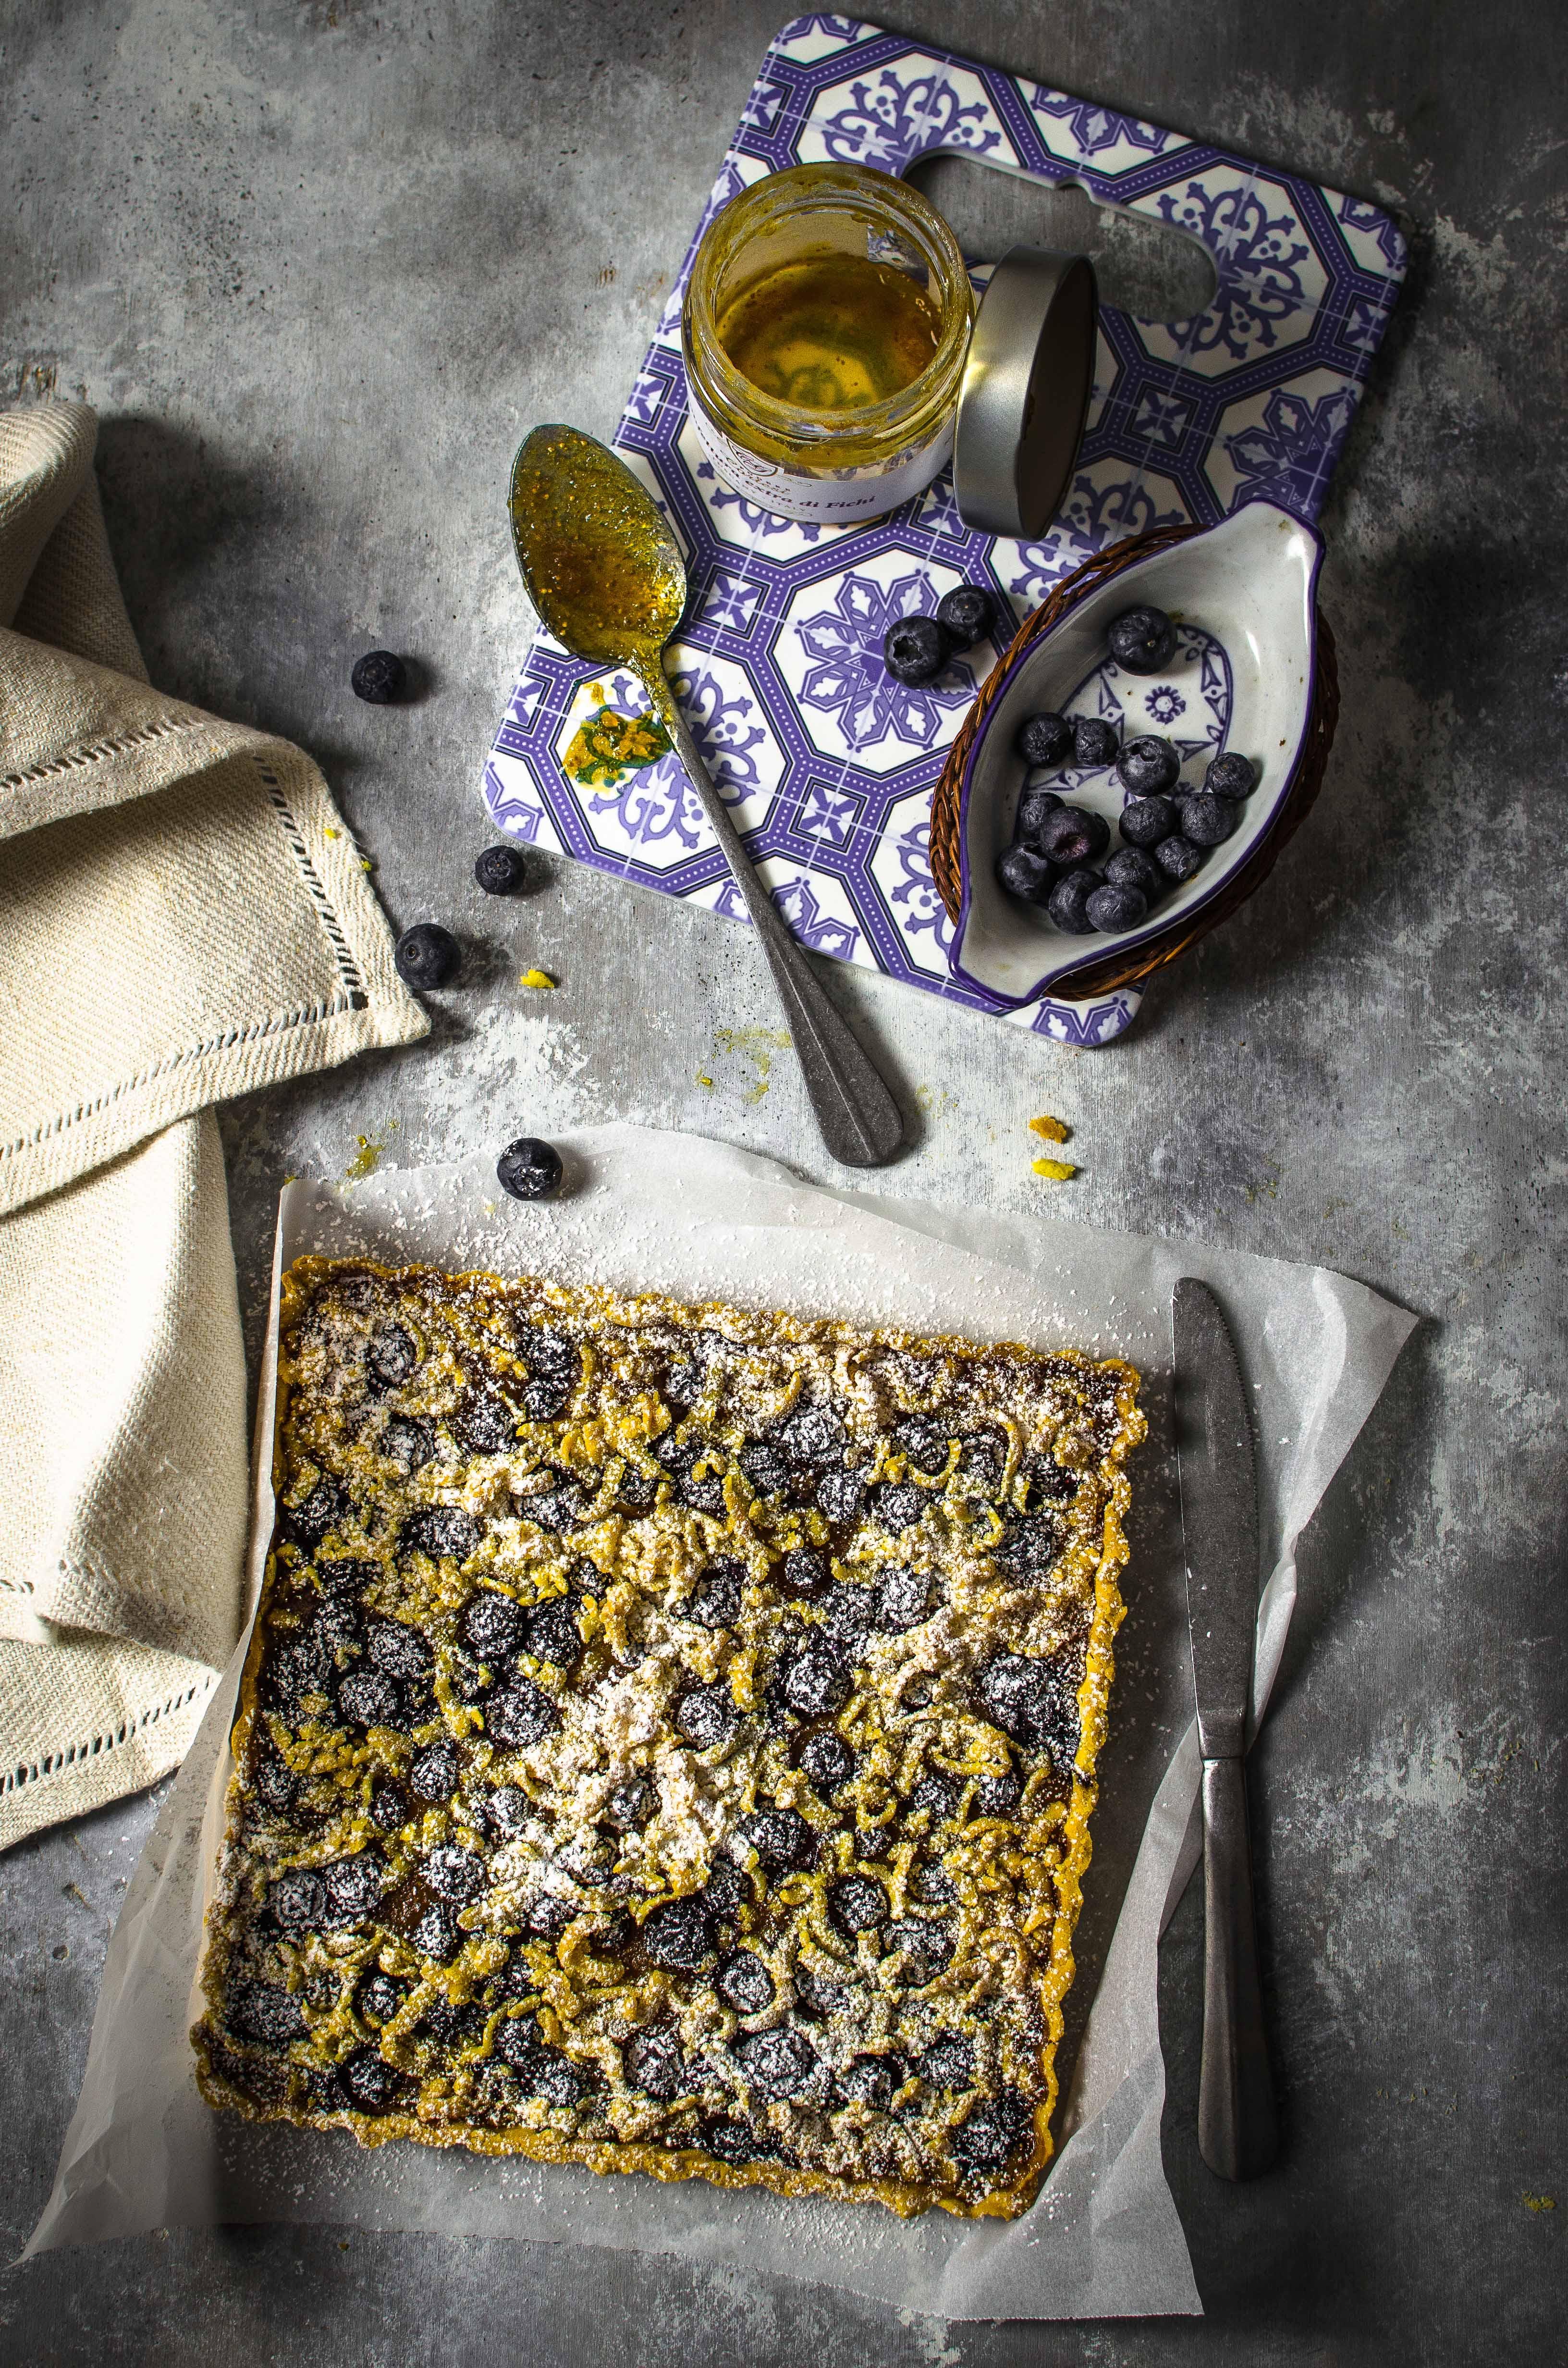 corstata-pasta-frolla-farina-mais Crostata con farina di mais, confettura di fichi e mirtilli freschi